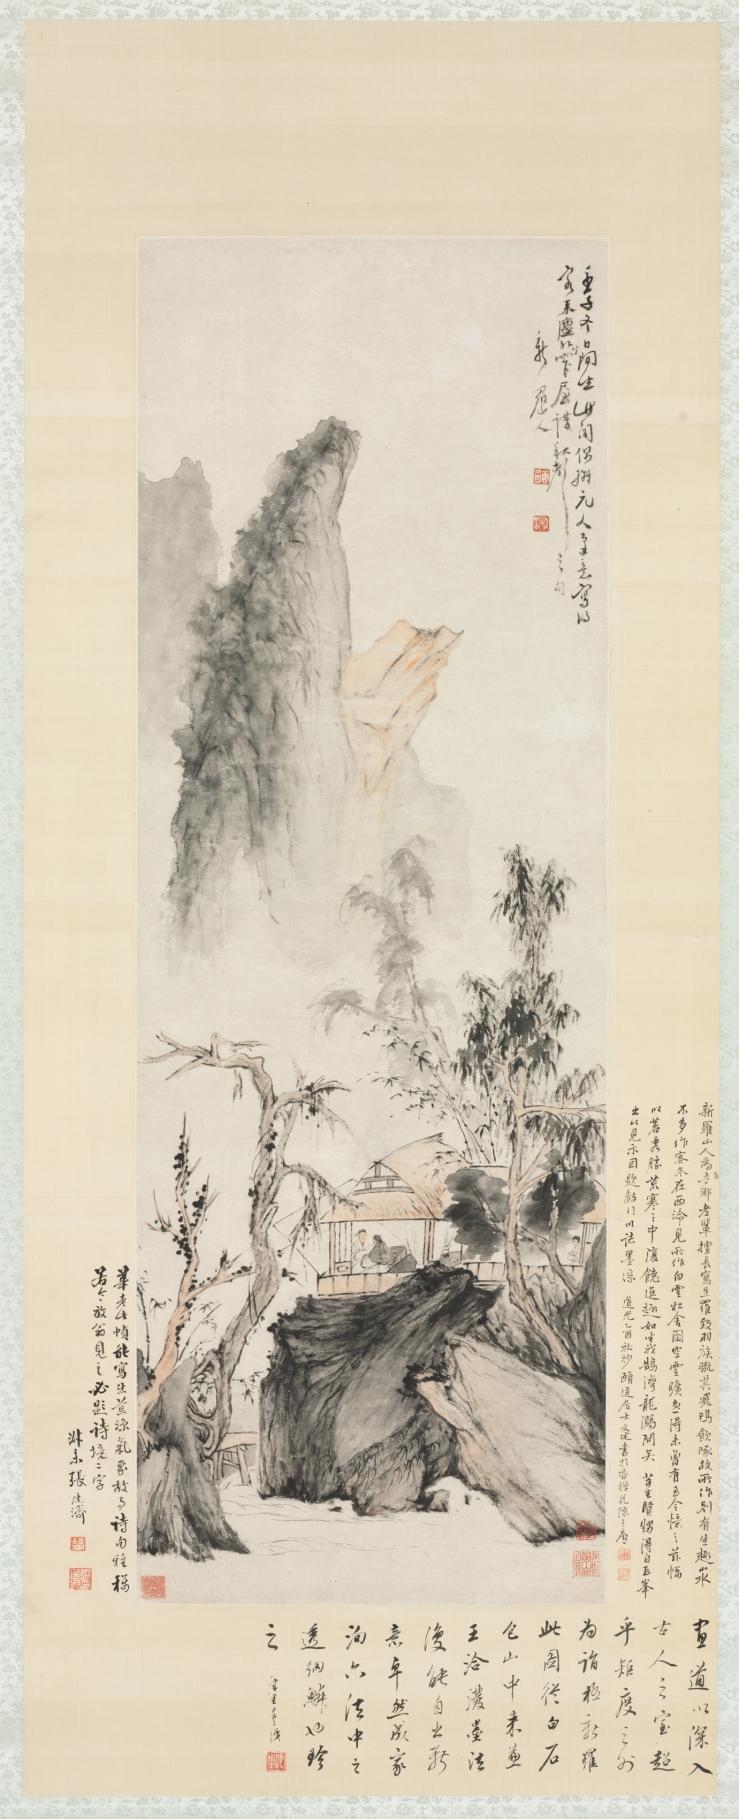 265 1954.263 hua yen conversation in autumn d 1732.jpg